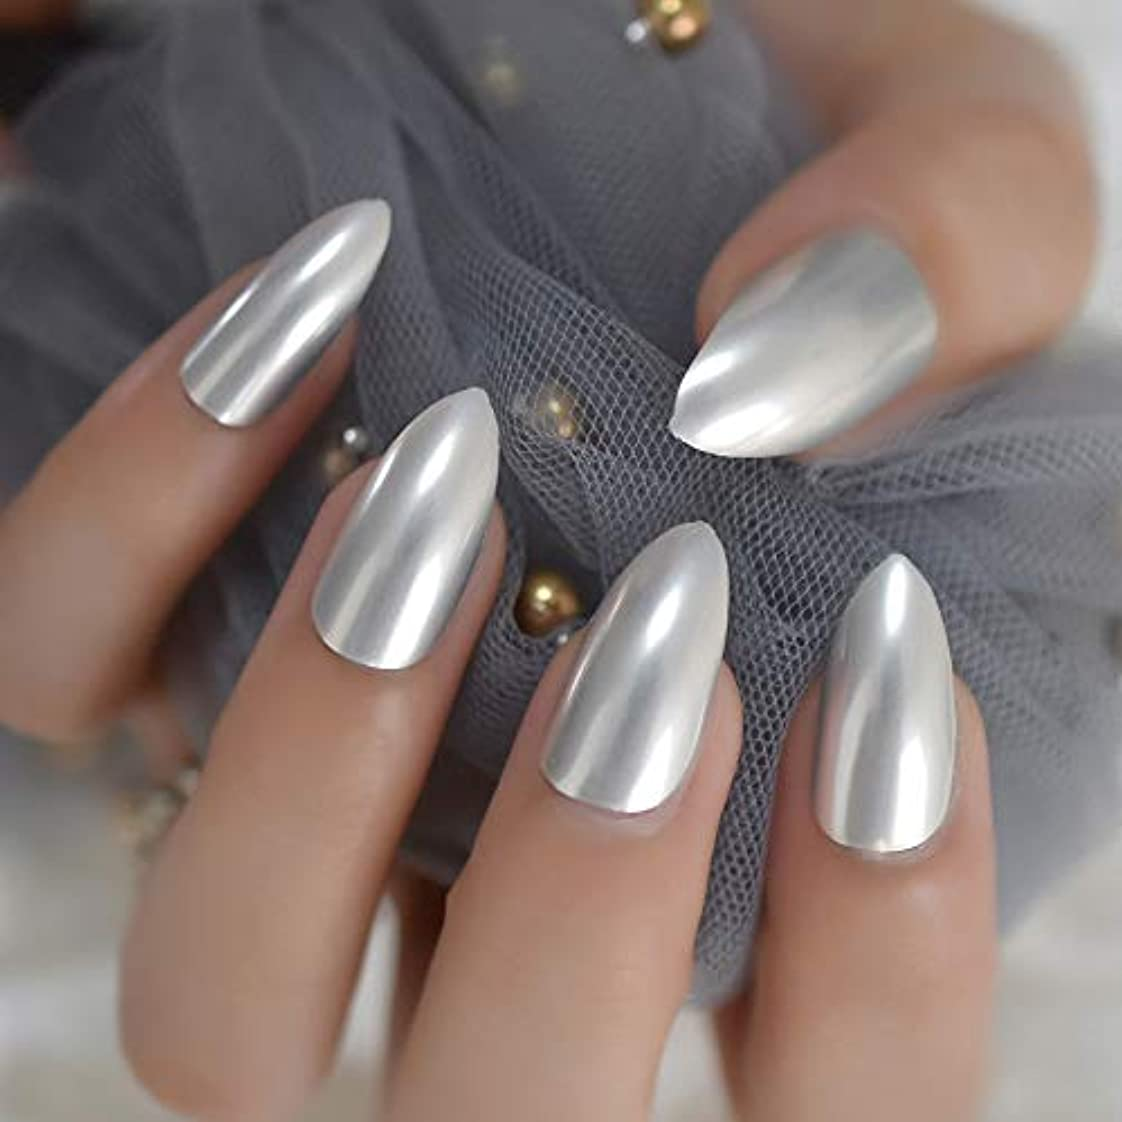 パラシュート銀パッチXUTXZKA ミラーネイルシルバーメタリック人工爪毎日着用